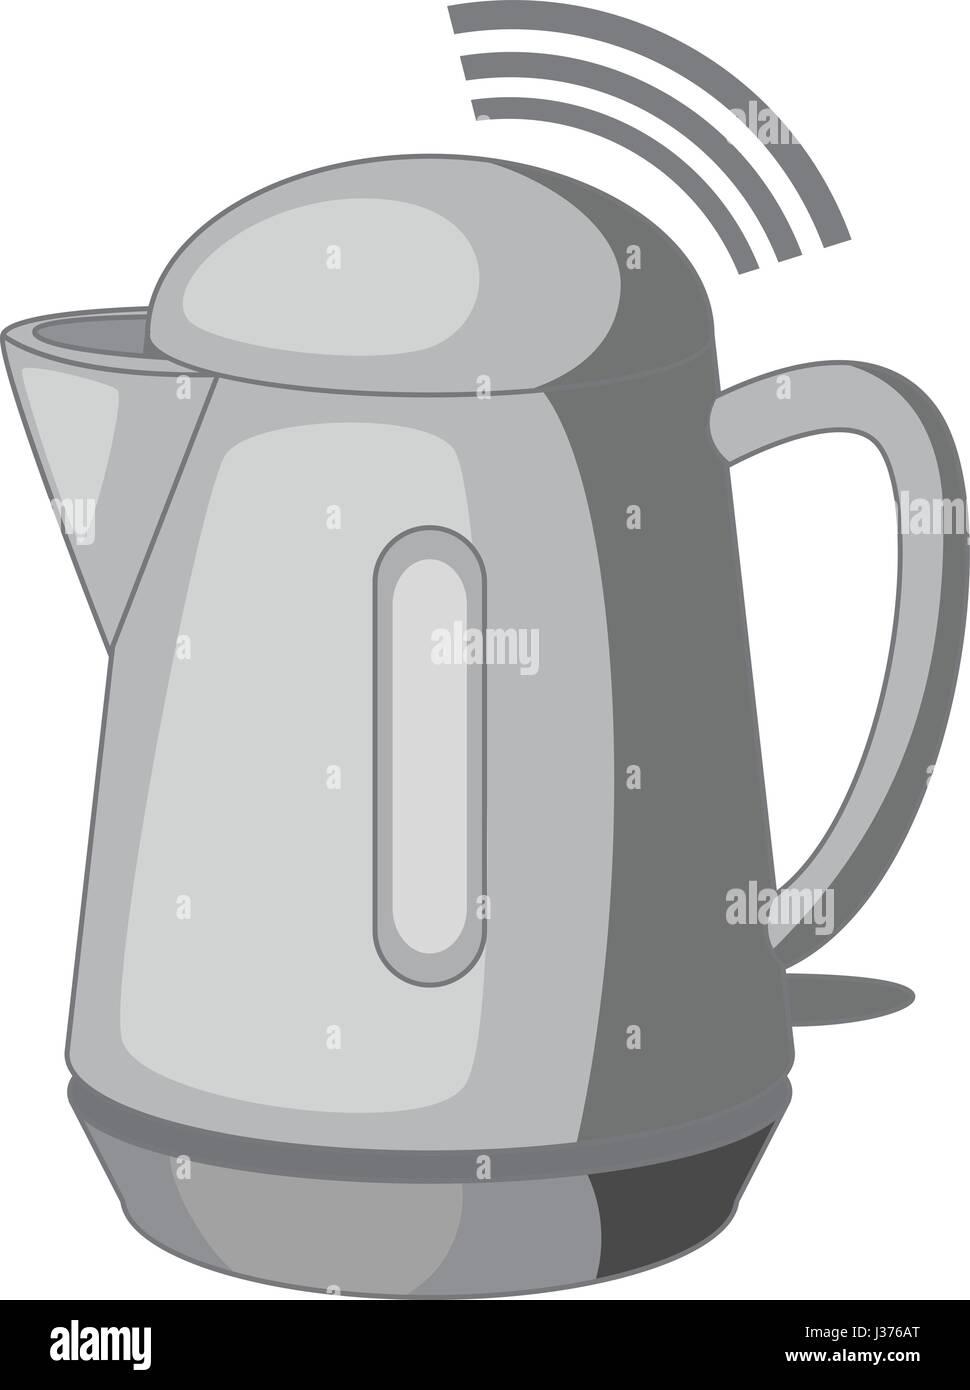 Electrical Boiler Stockfotos & Electrical Boiler Bilder - Seite 7 ...